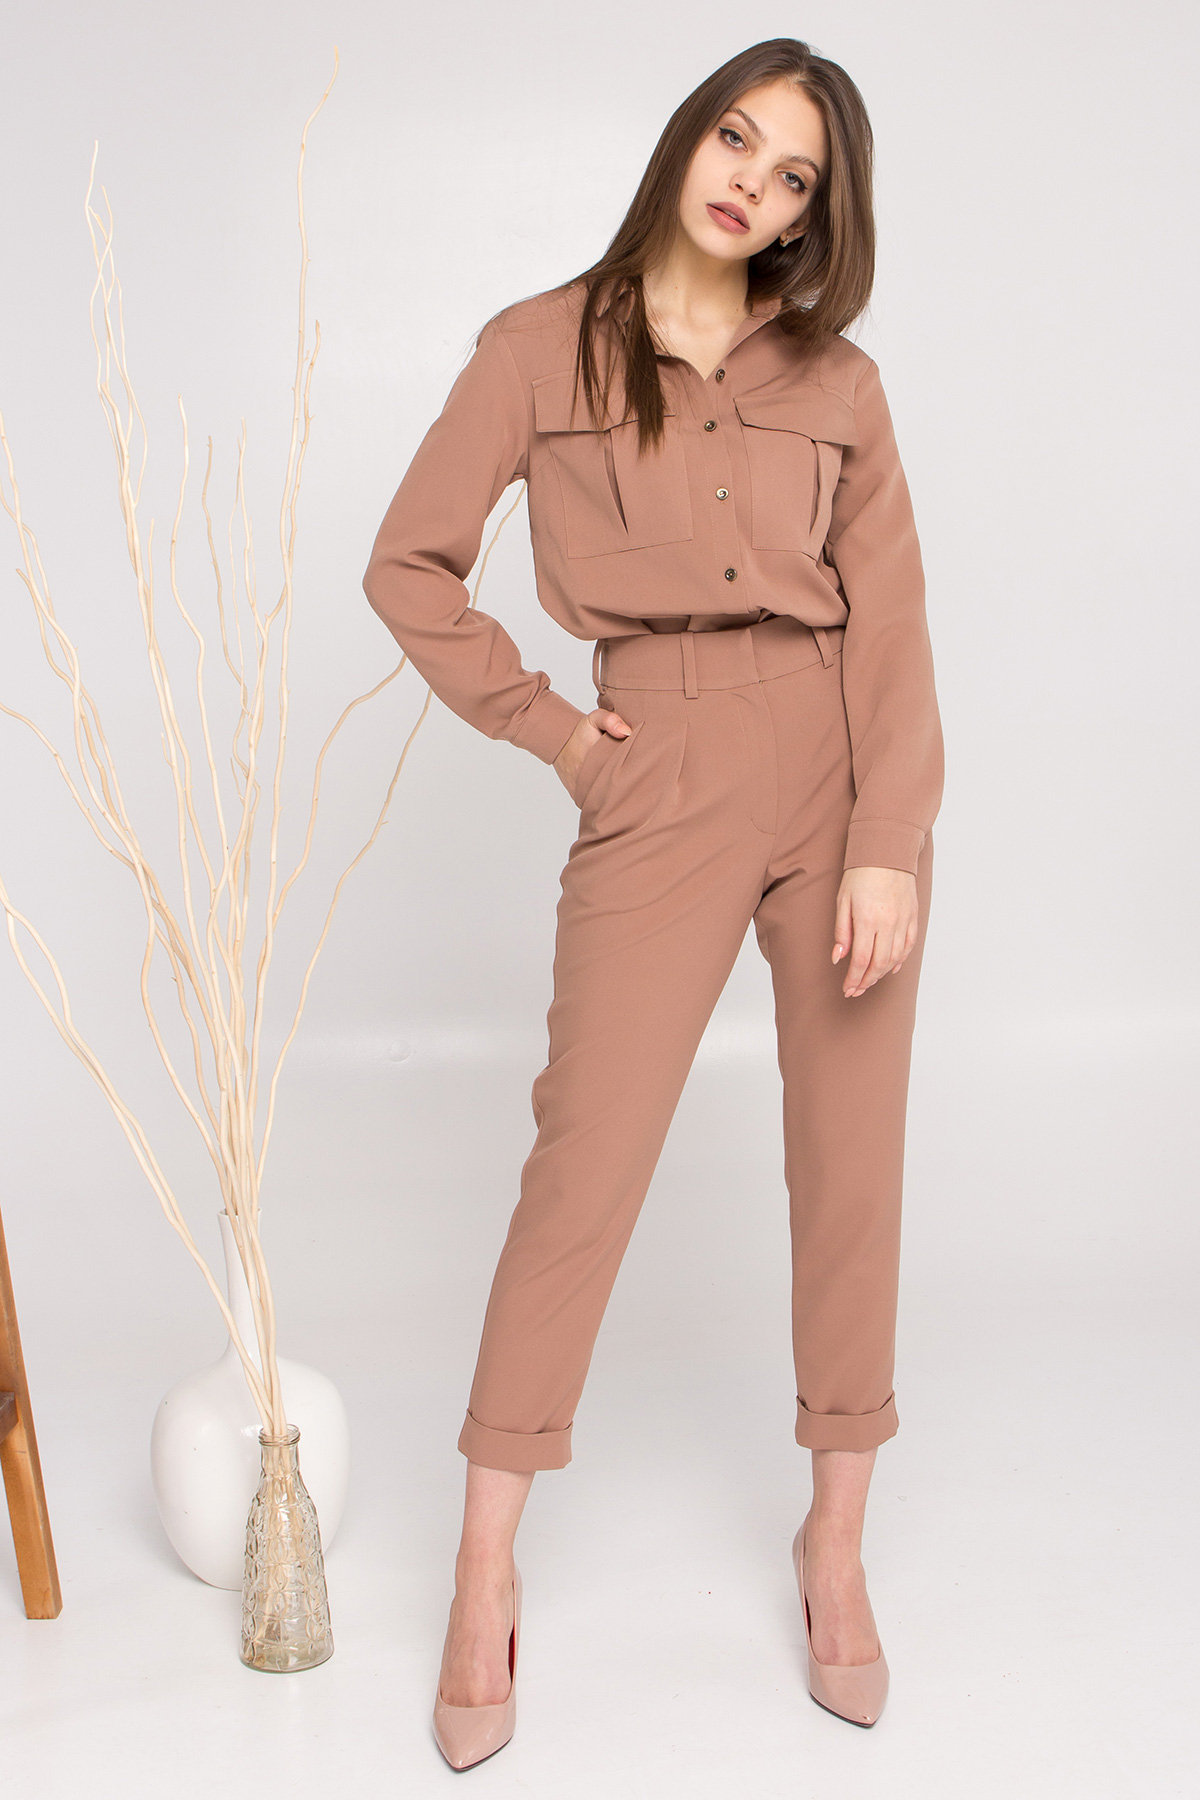 Купить женскую одежду оптом Костюм Селви 8931